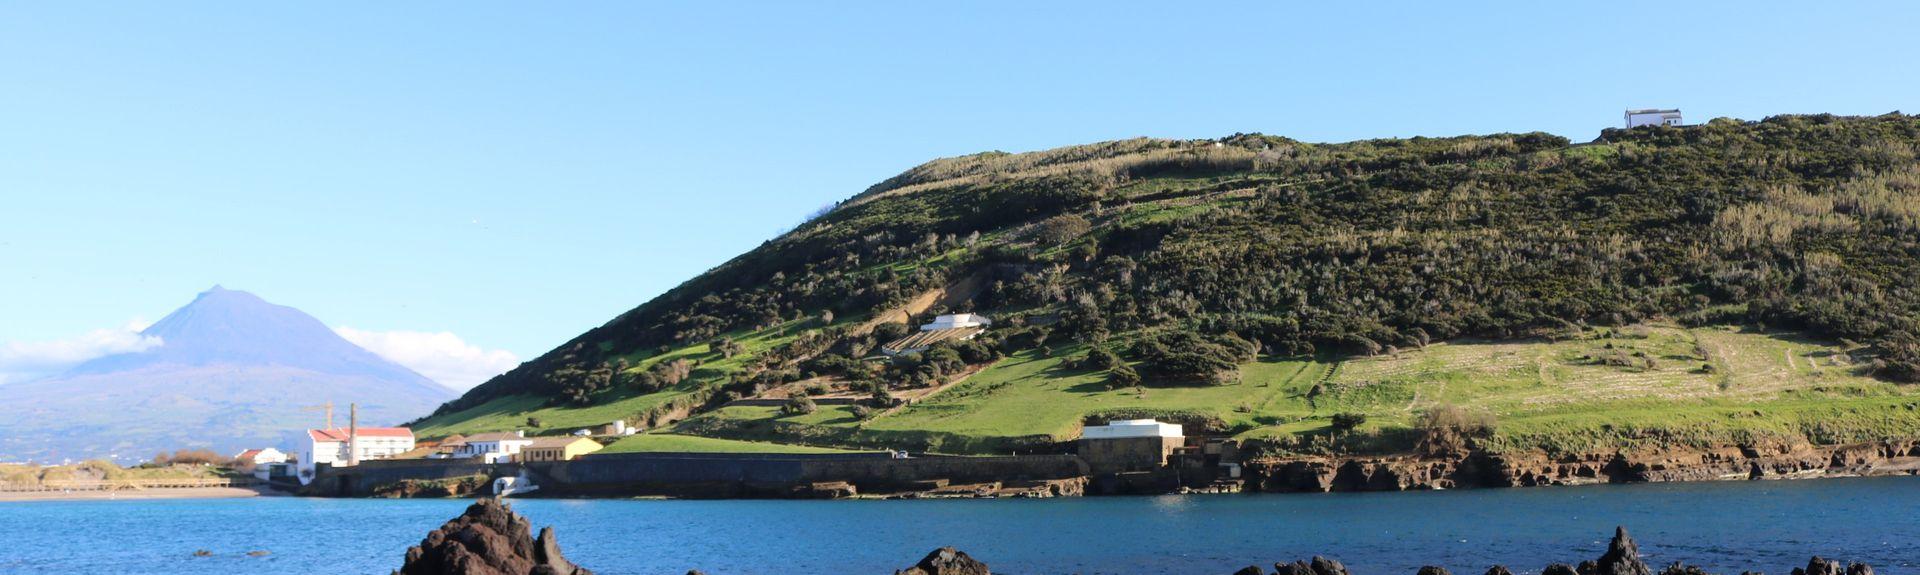 Municipality of Madalena, Portugal